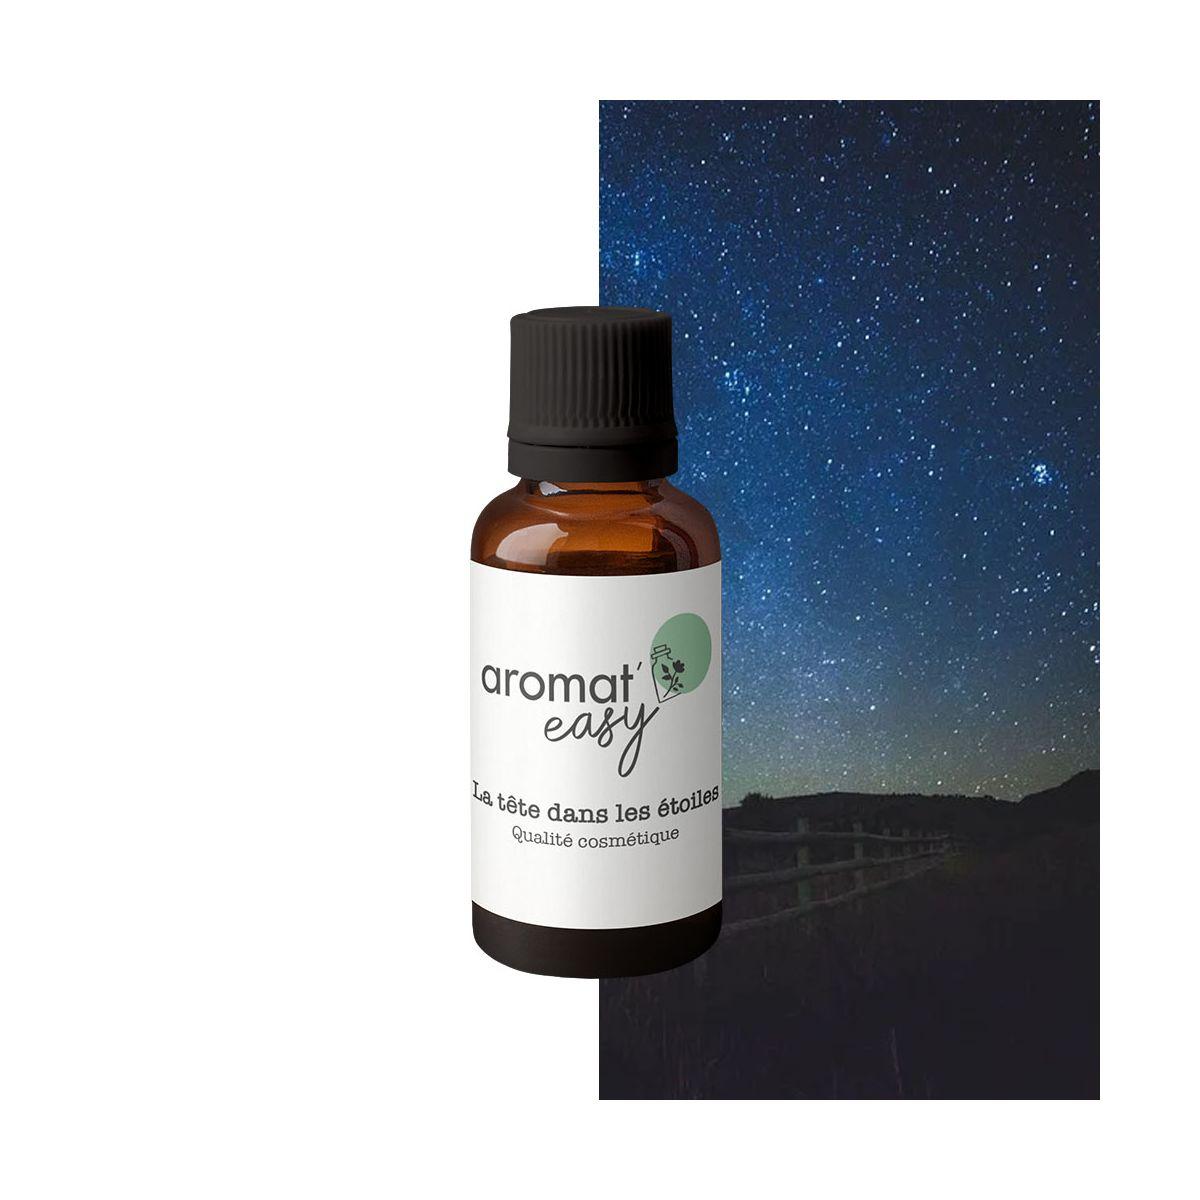 Fragrance La tête dans les étoiles